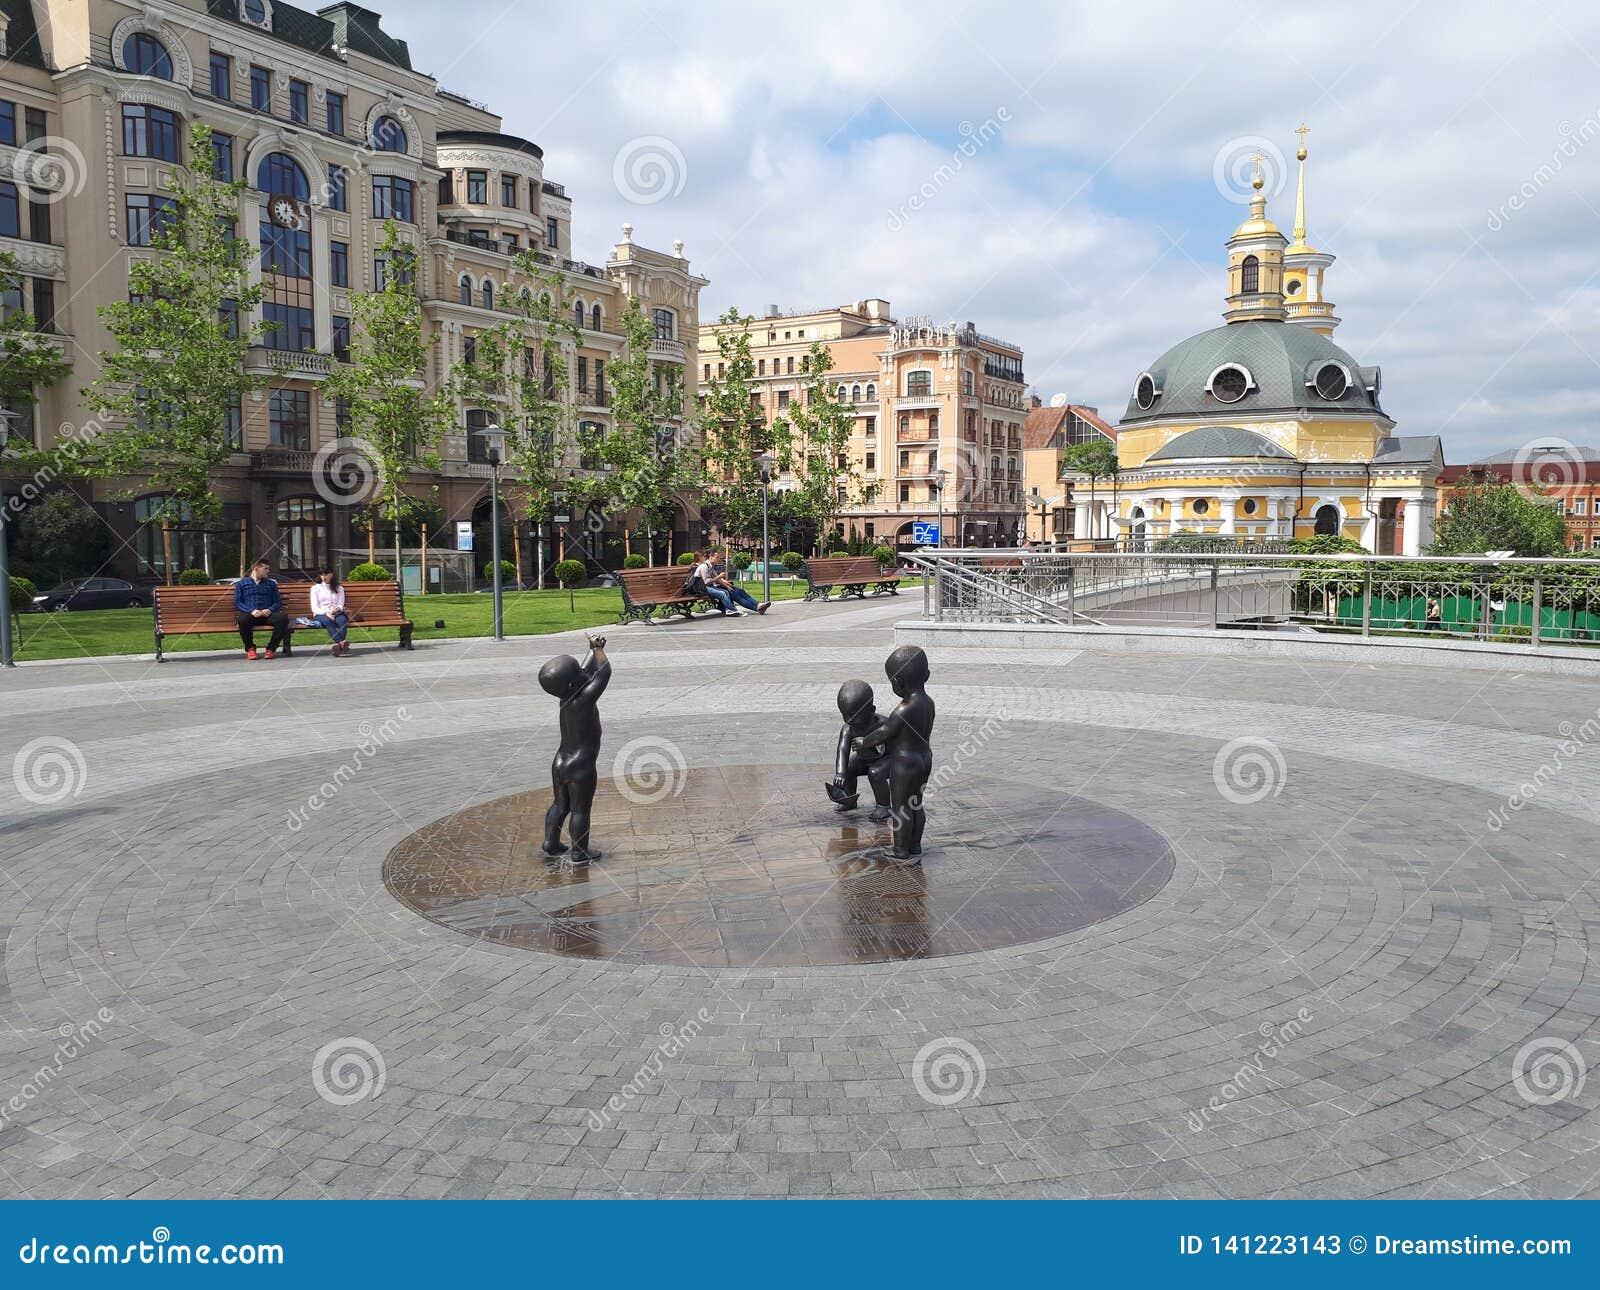 Kyiv Postova område| КиеРför Ð-¾ Ñ för ¿ Ð  Ð°Ñ ² Ð ¾ Ð 'Ñ ‡ Ñ ¾ ПР² Д ‰ аРь